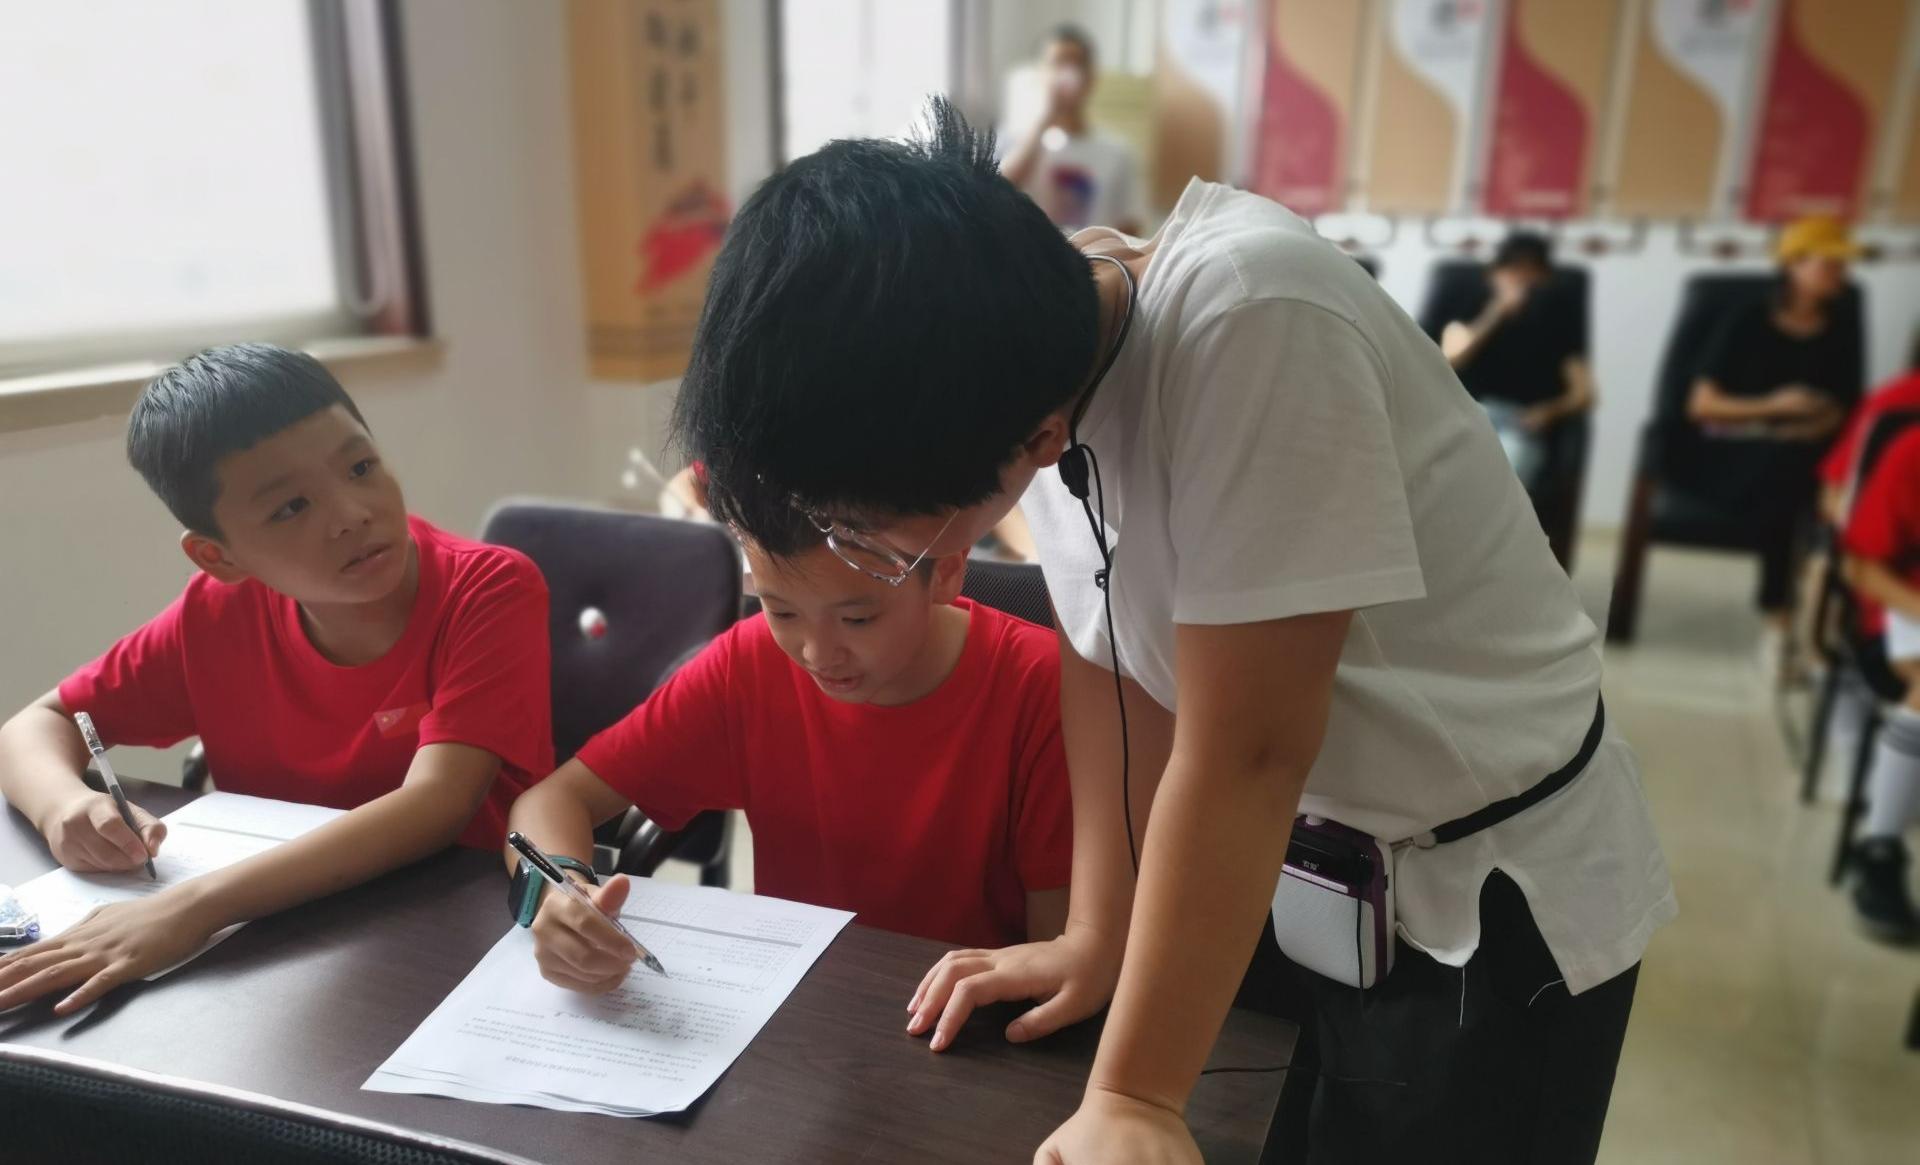 龍灣校園心理劇增色未成年人心理健康教育